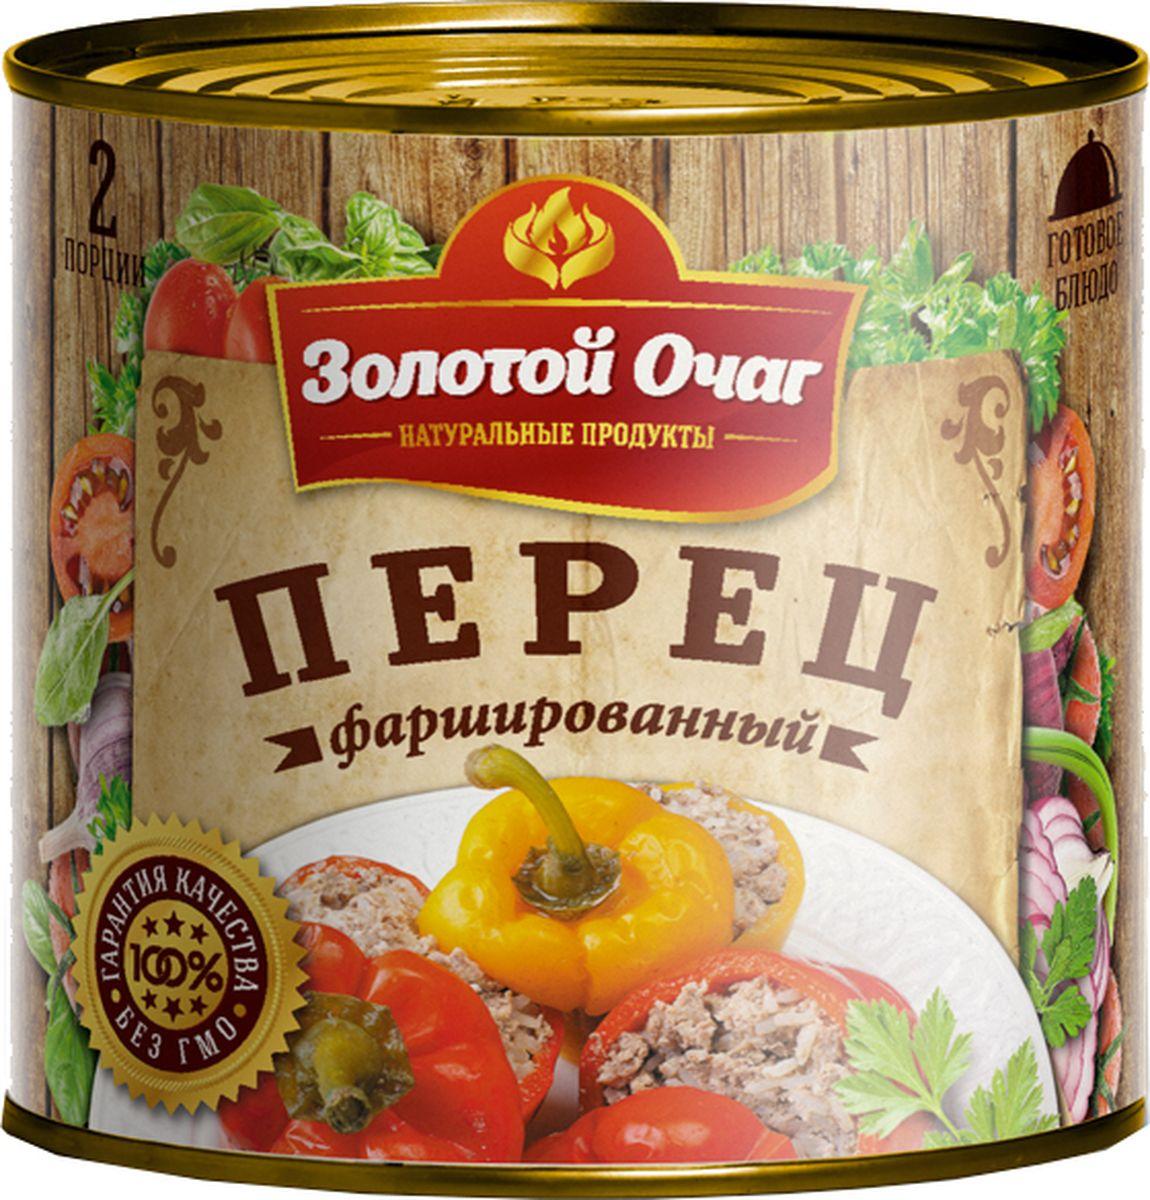 Золотой Очаг перец фаршированный мясом и рисом, 540 г